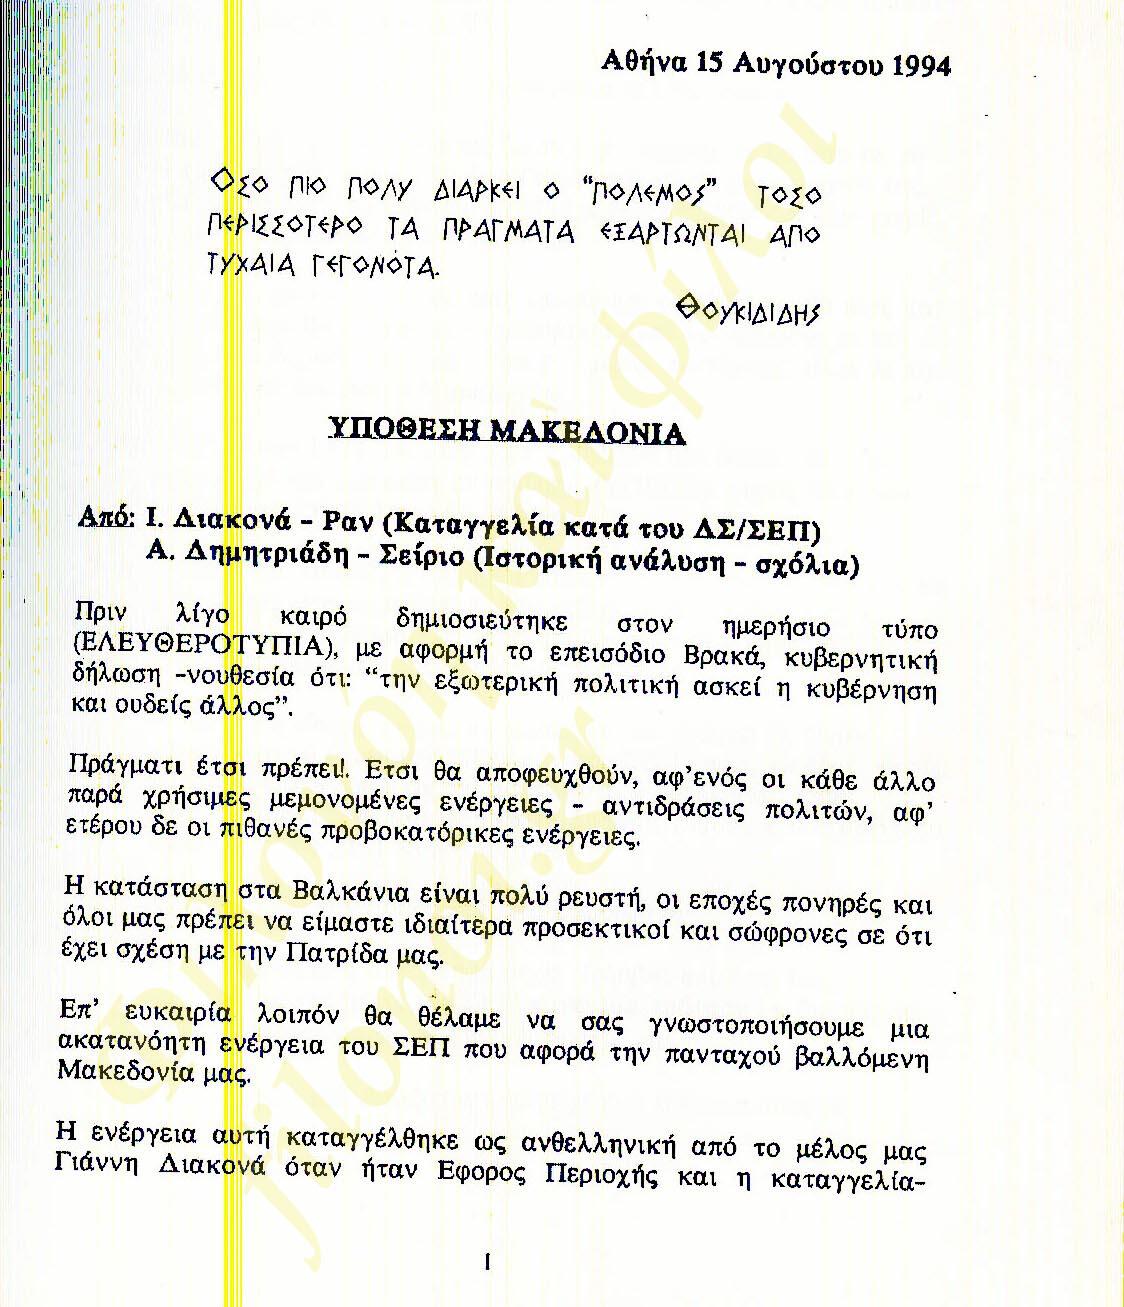 Πῶς παρεδόθη τὸ ὂνομα τῆς Μακεδονίας μας(!!!) ἀπό τοὺς προσκόπους;;;1